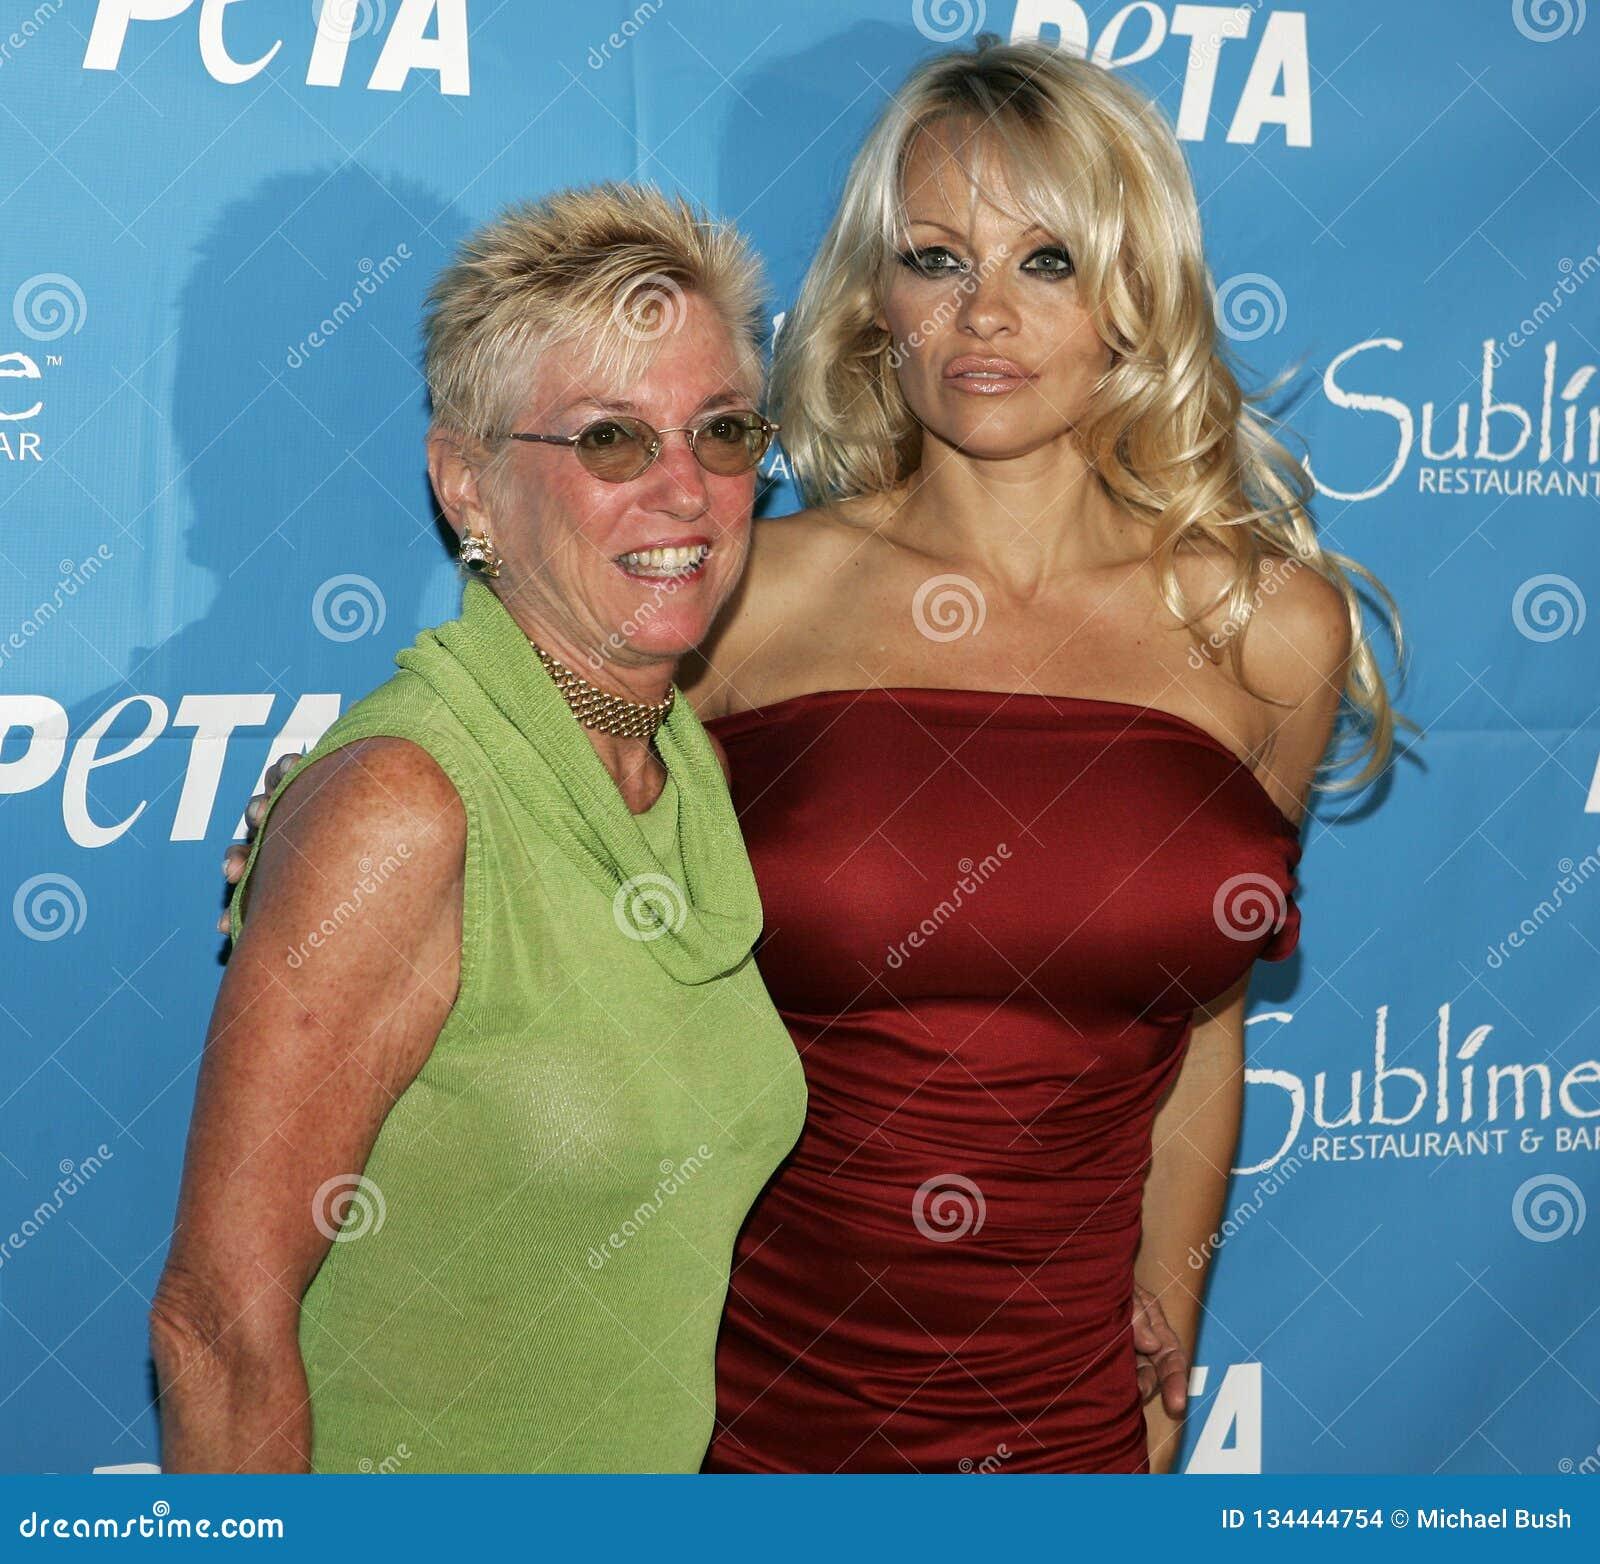 Η Pamela Anderson γιορτάζει τα 40α γενέθλια